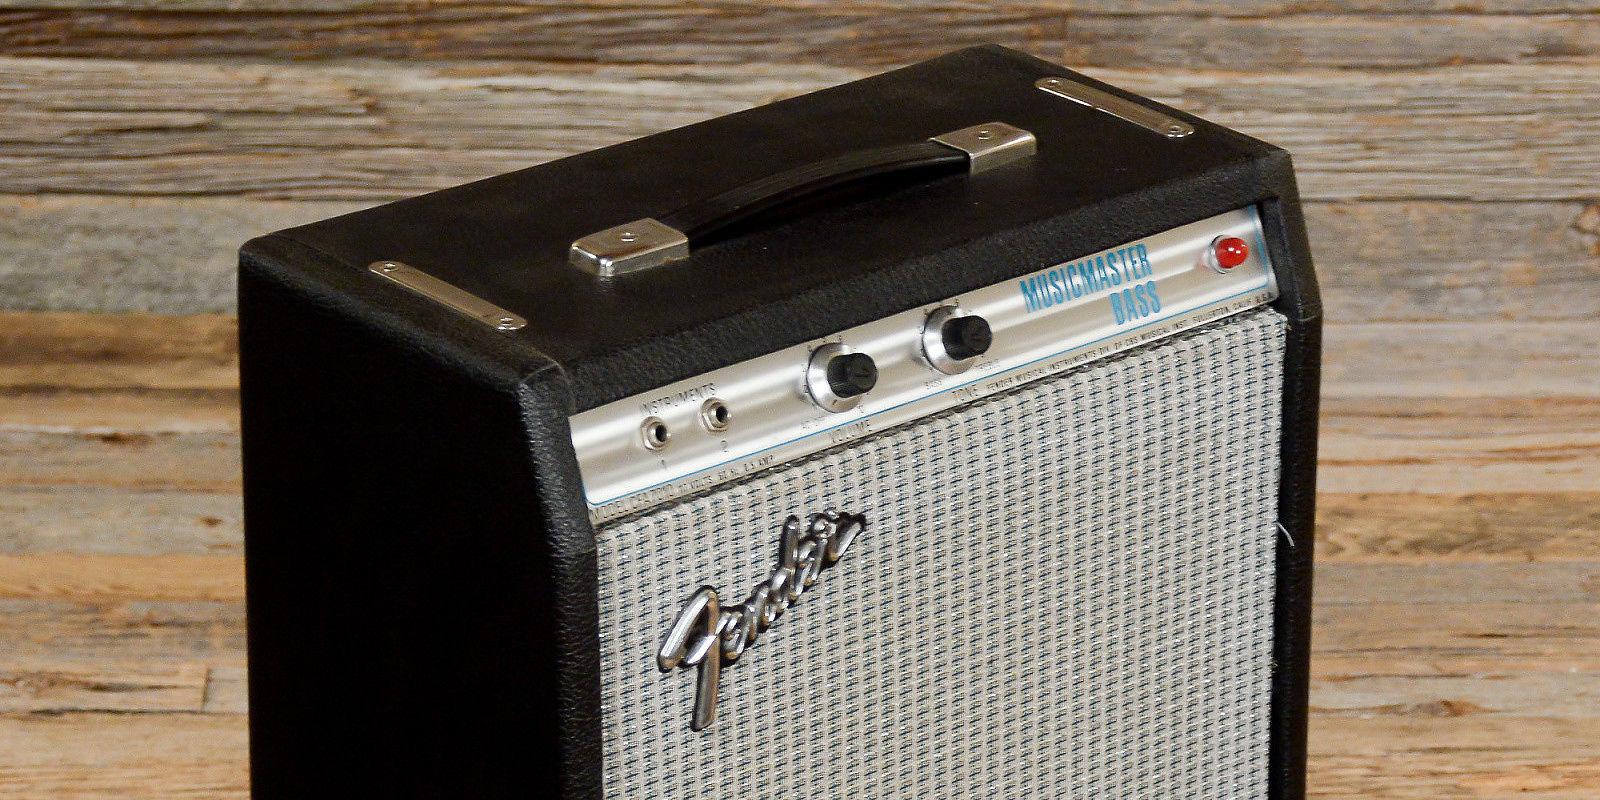 59 fender music master bass amp dating